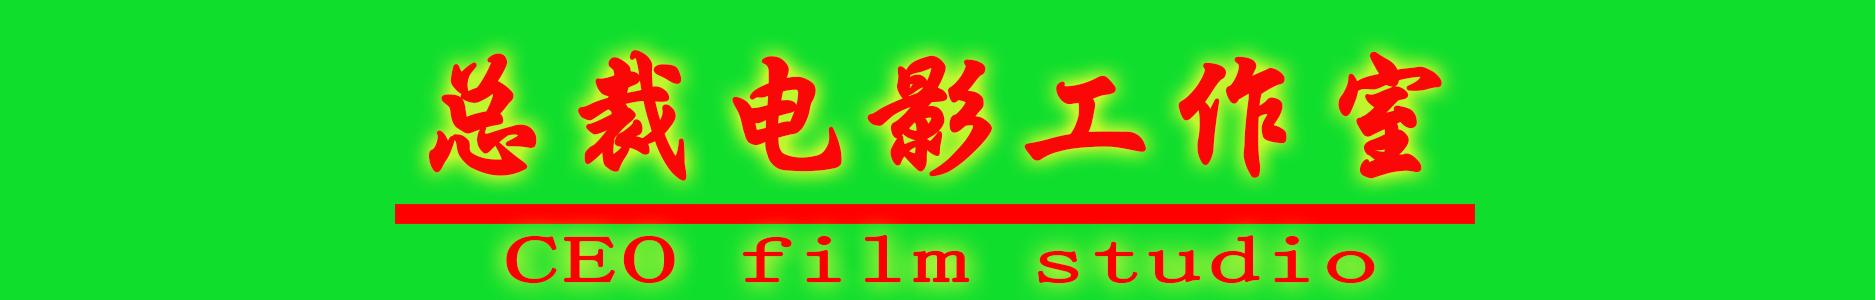 萧洒十一郎 banner